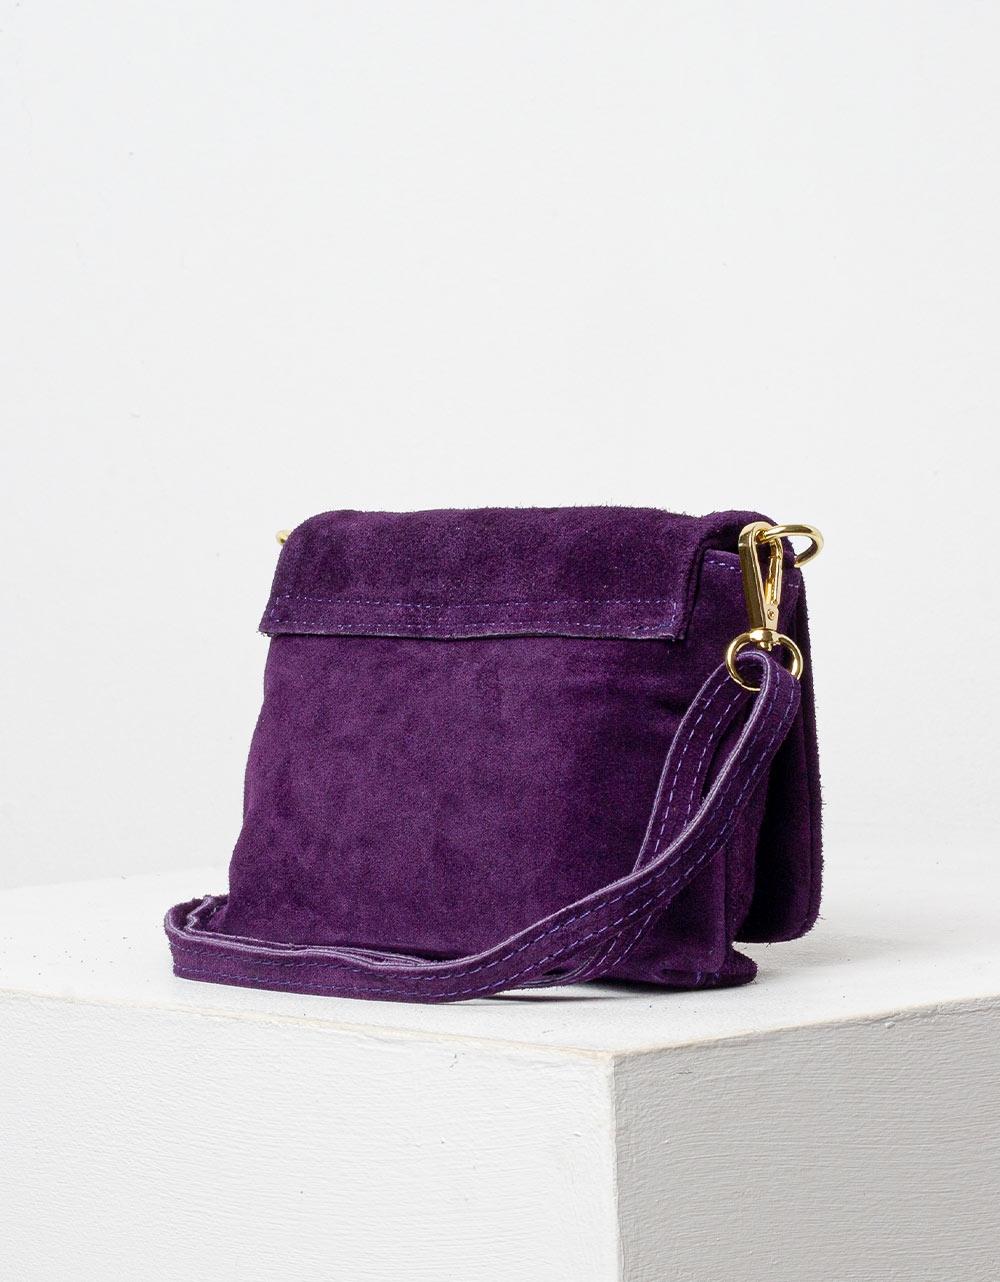 Εικόνα από Γυναικεία τσάντα χιαστί από γνήσιο δέρμα Μωβ